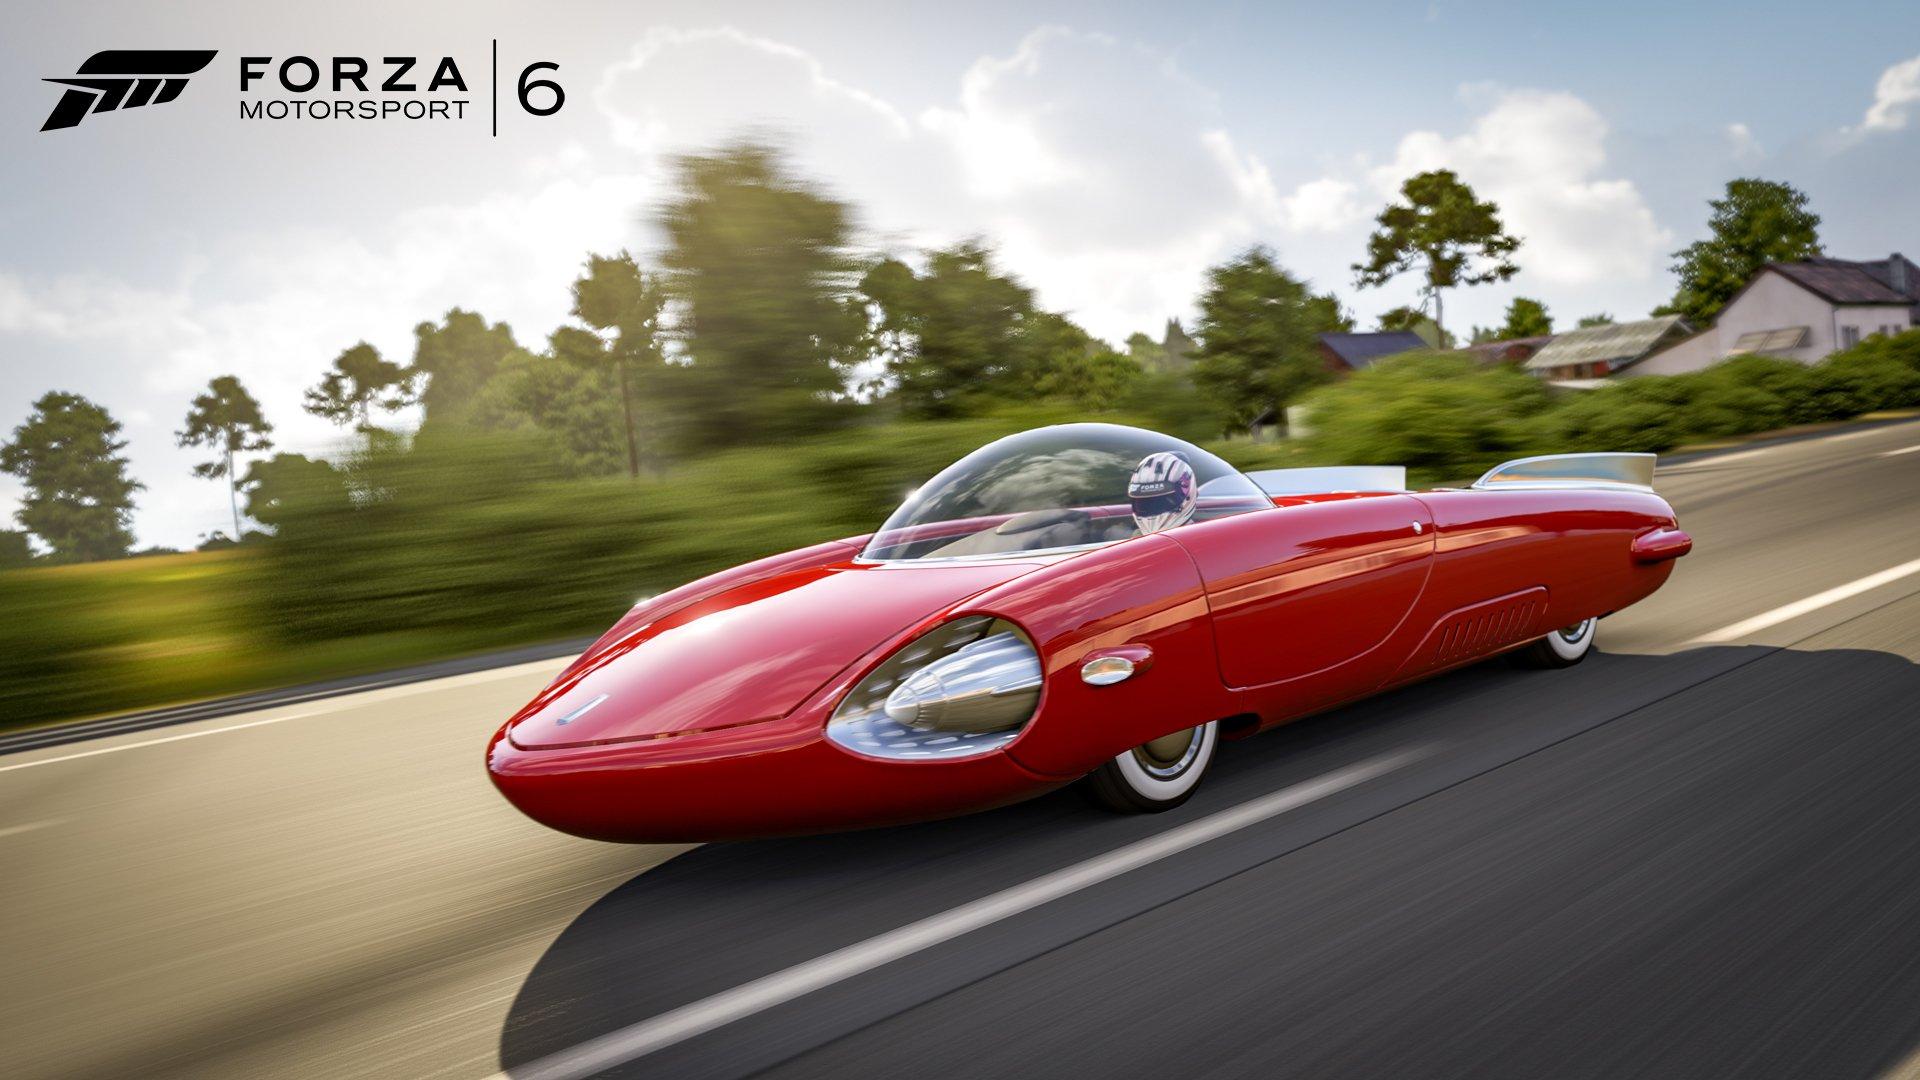 Пост-апокалиптическая тачка в Forza Motorsport 6. - Изображение 1